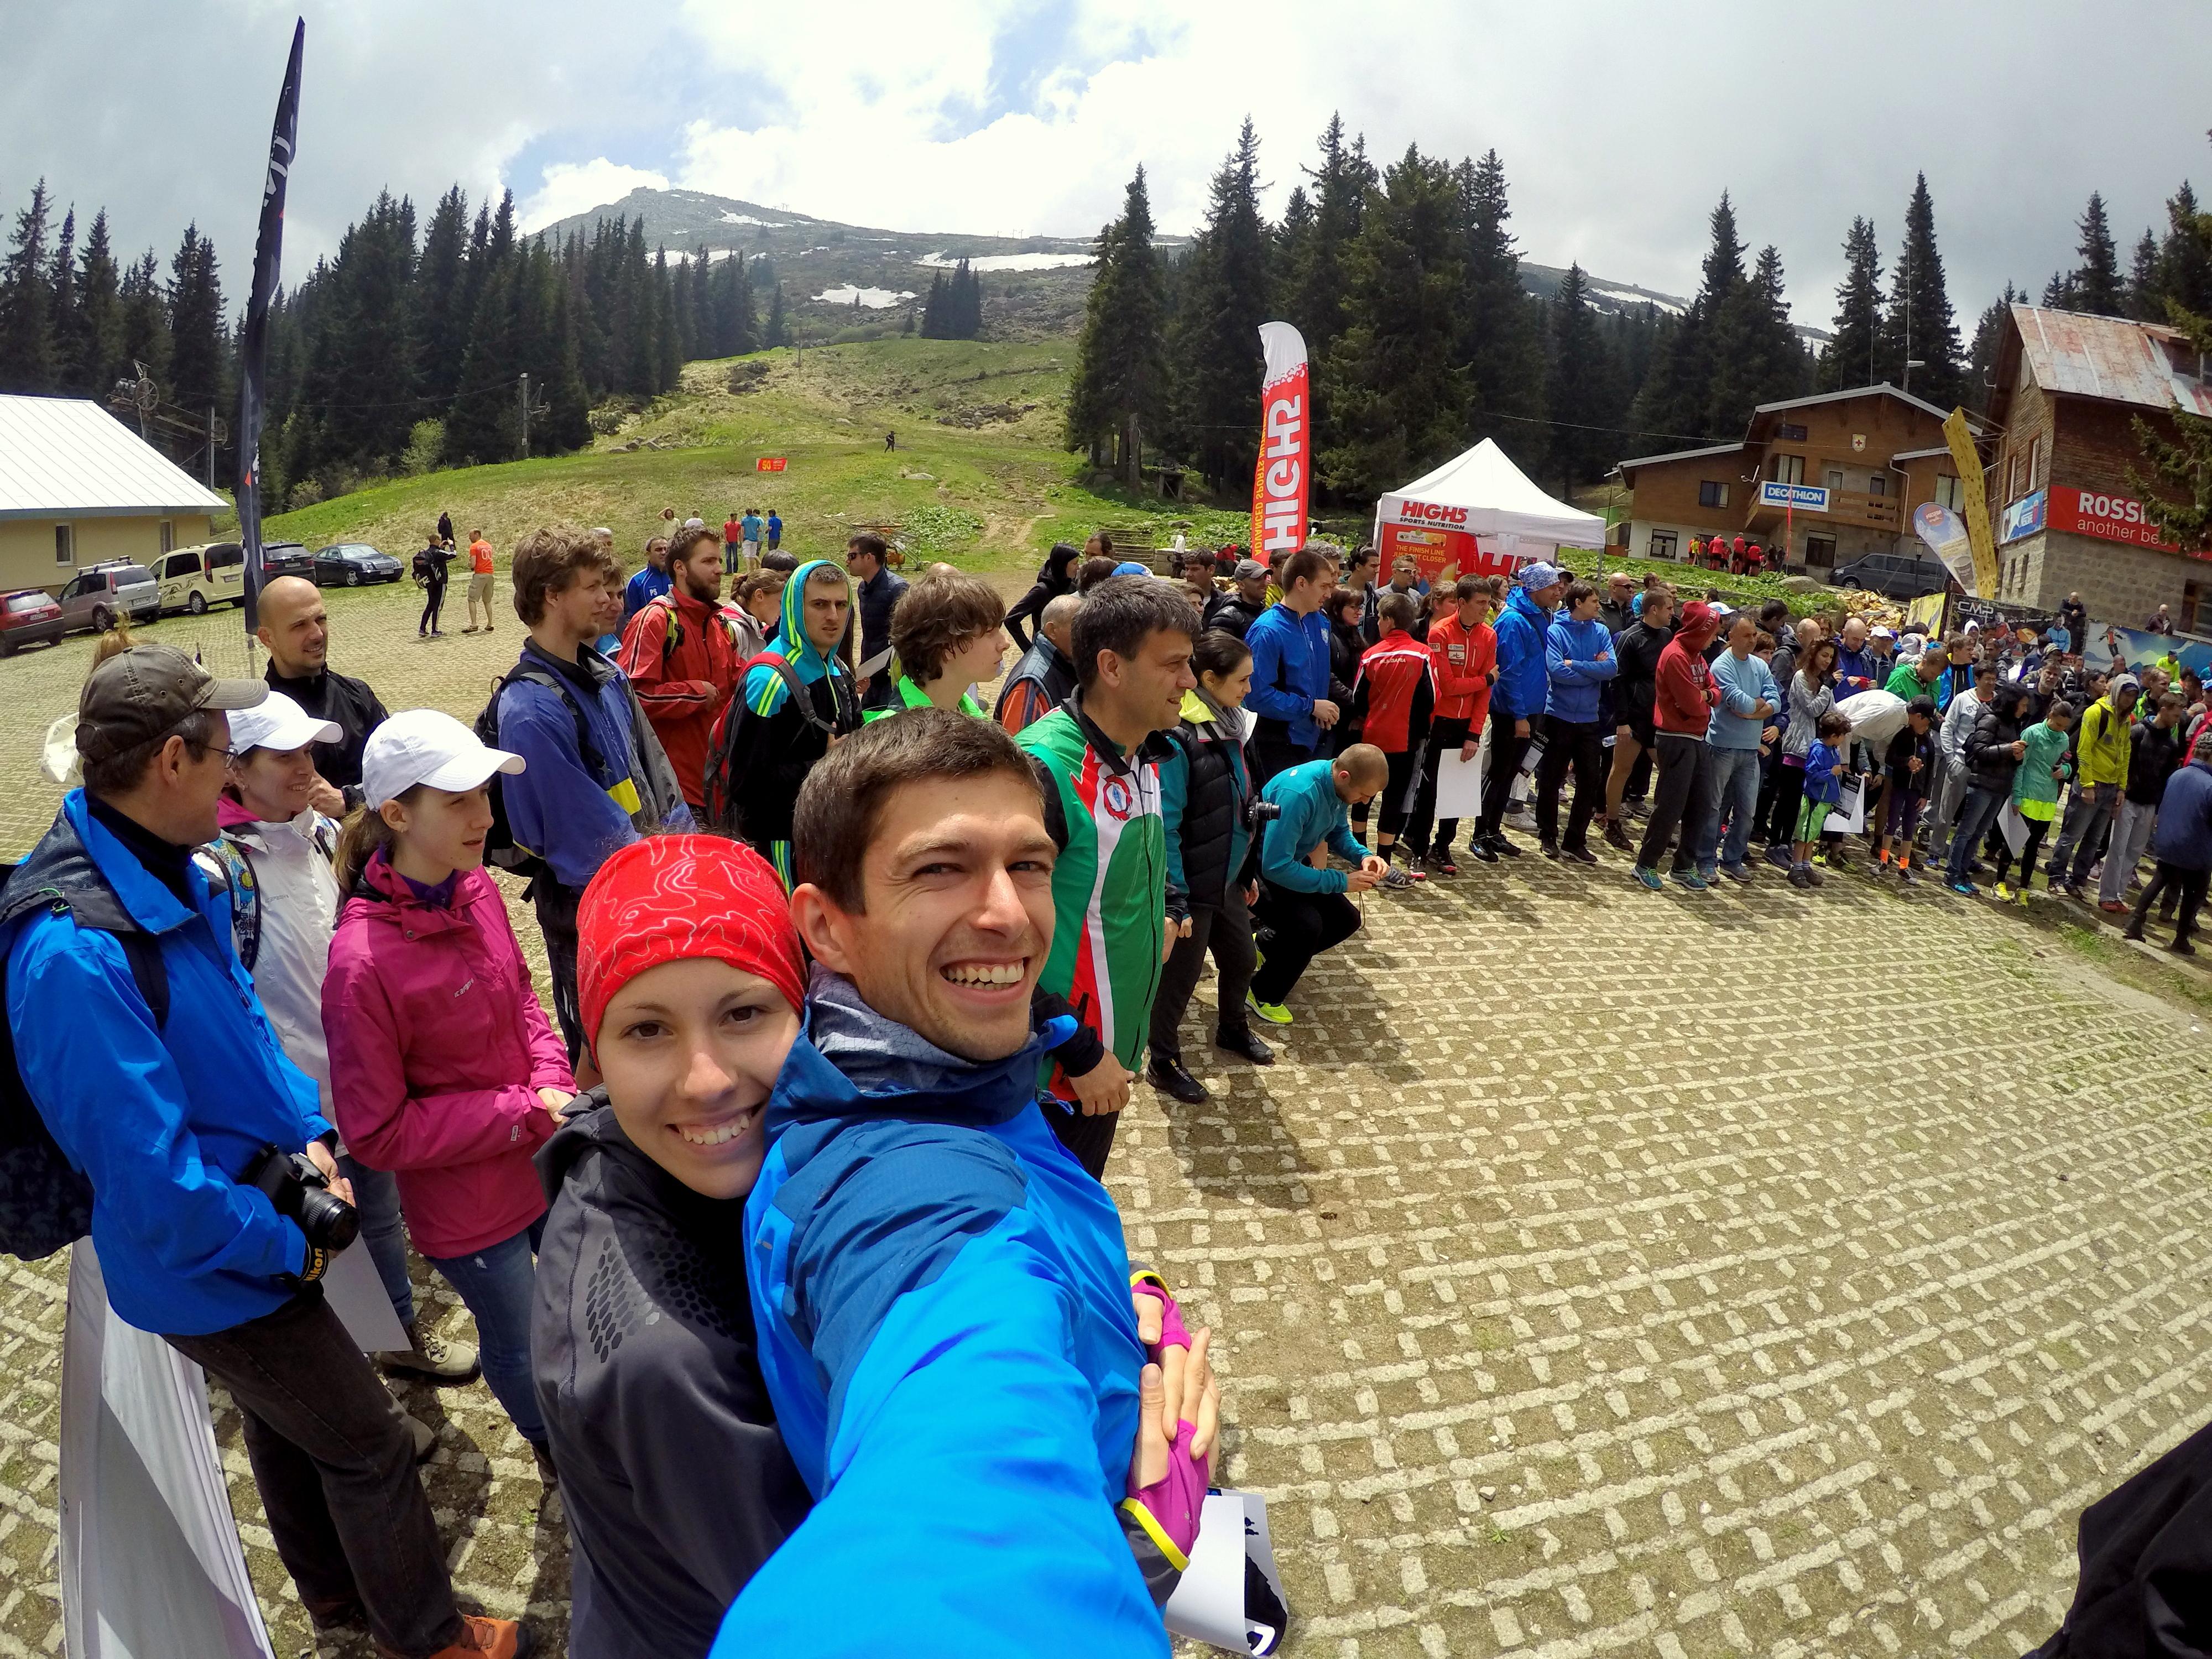 Salomon Vitosha Trail - високата обиколка на Витоша, която никак не исках да пропусна, затова дори и в много лоша форма не се отказах от участие, и не съжалявам.